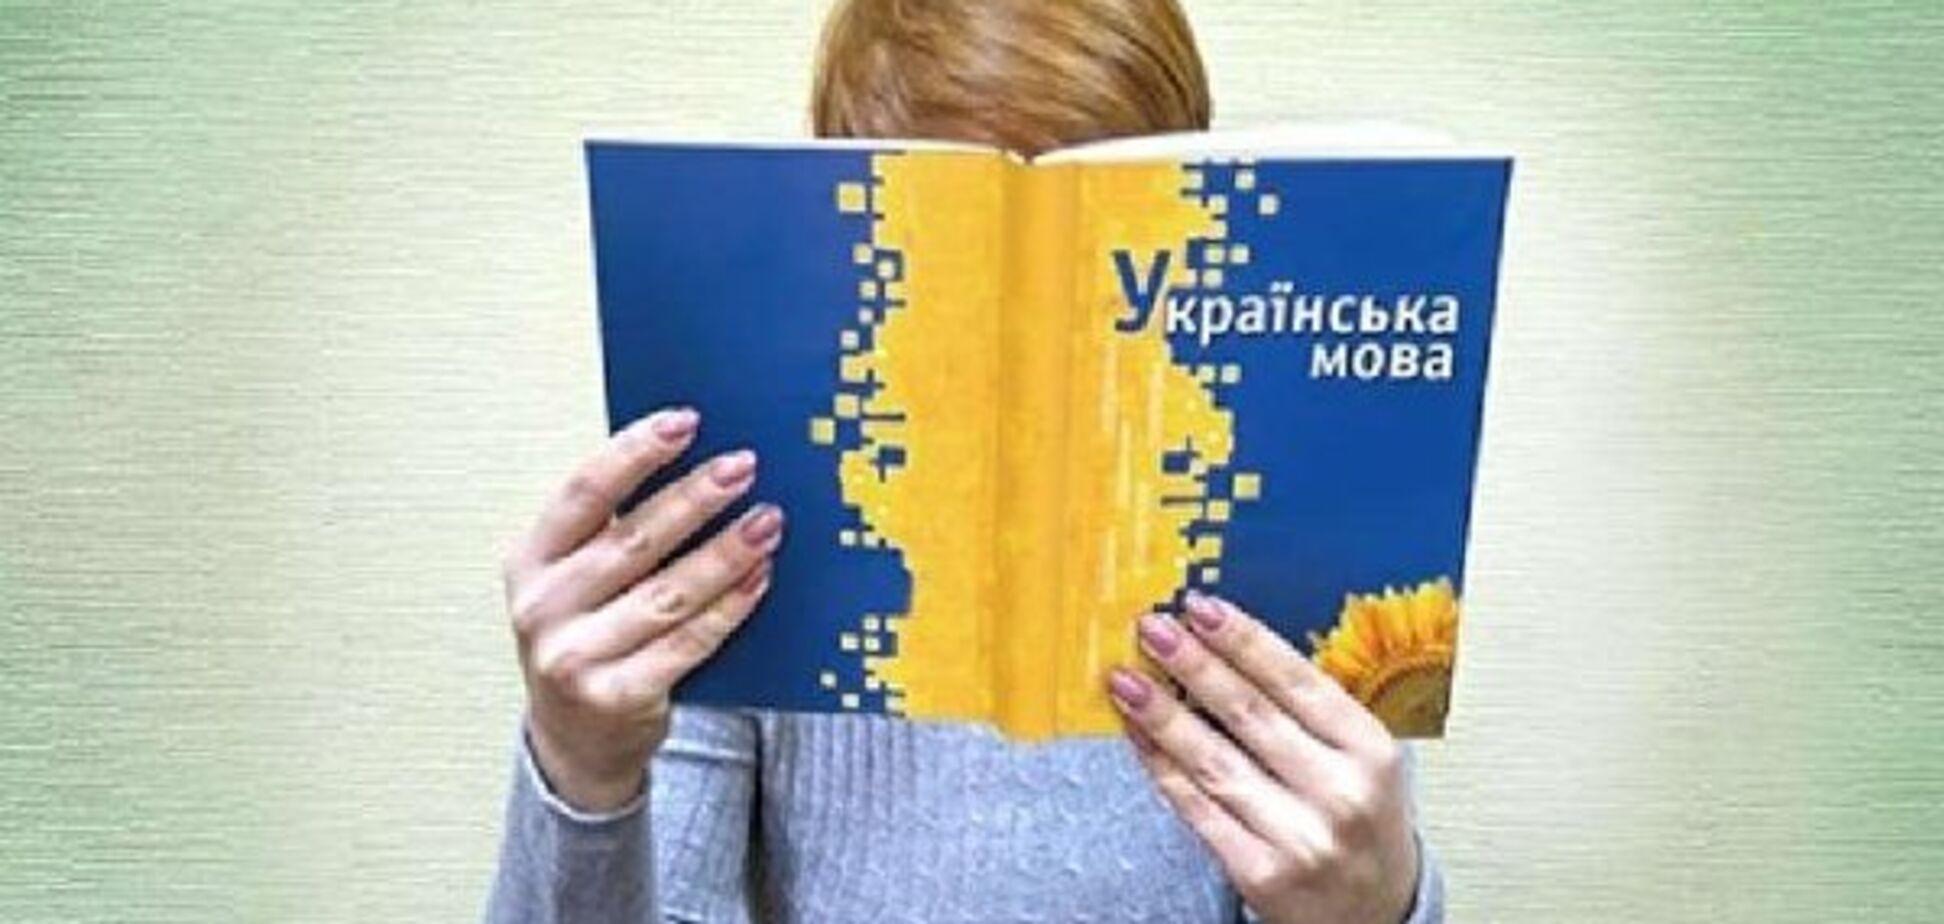 Захист української мови: з'явилися нові деталі революційного законопроекту